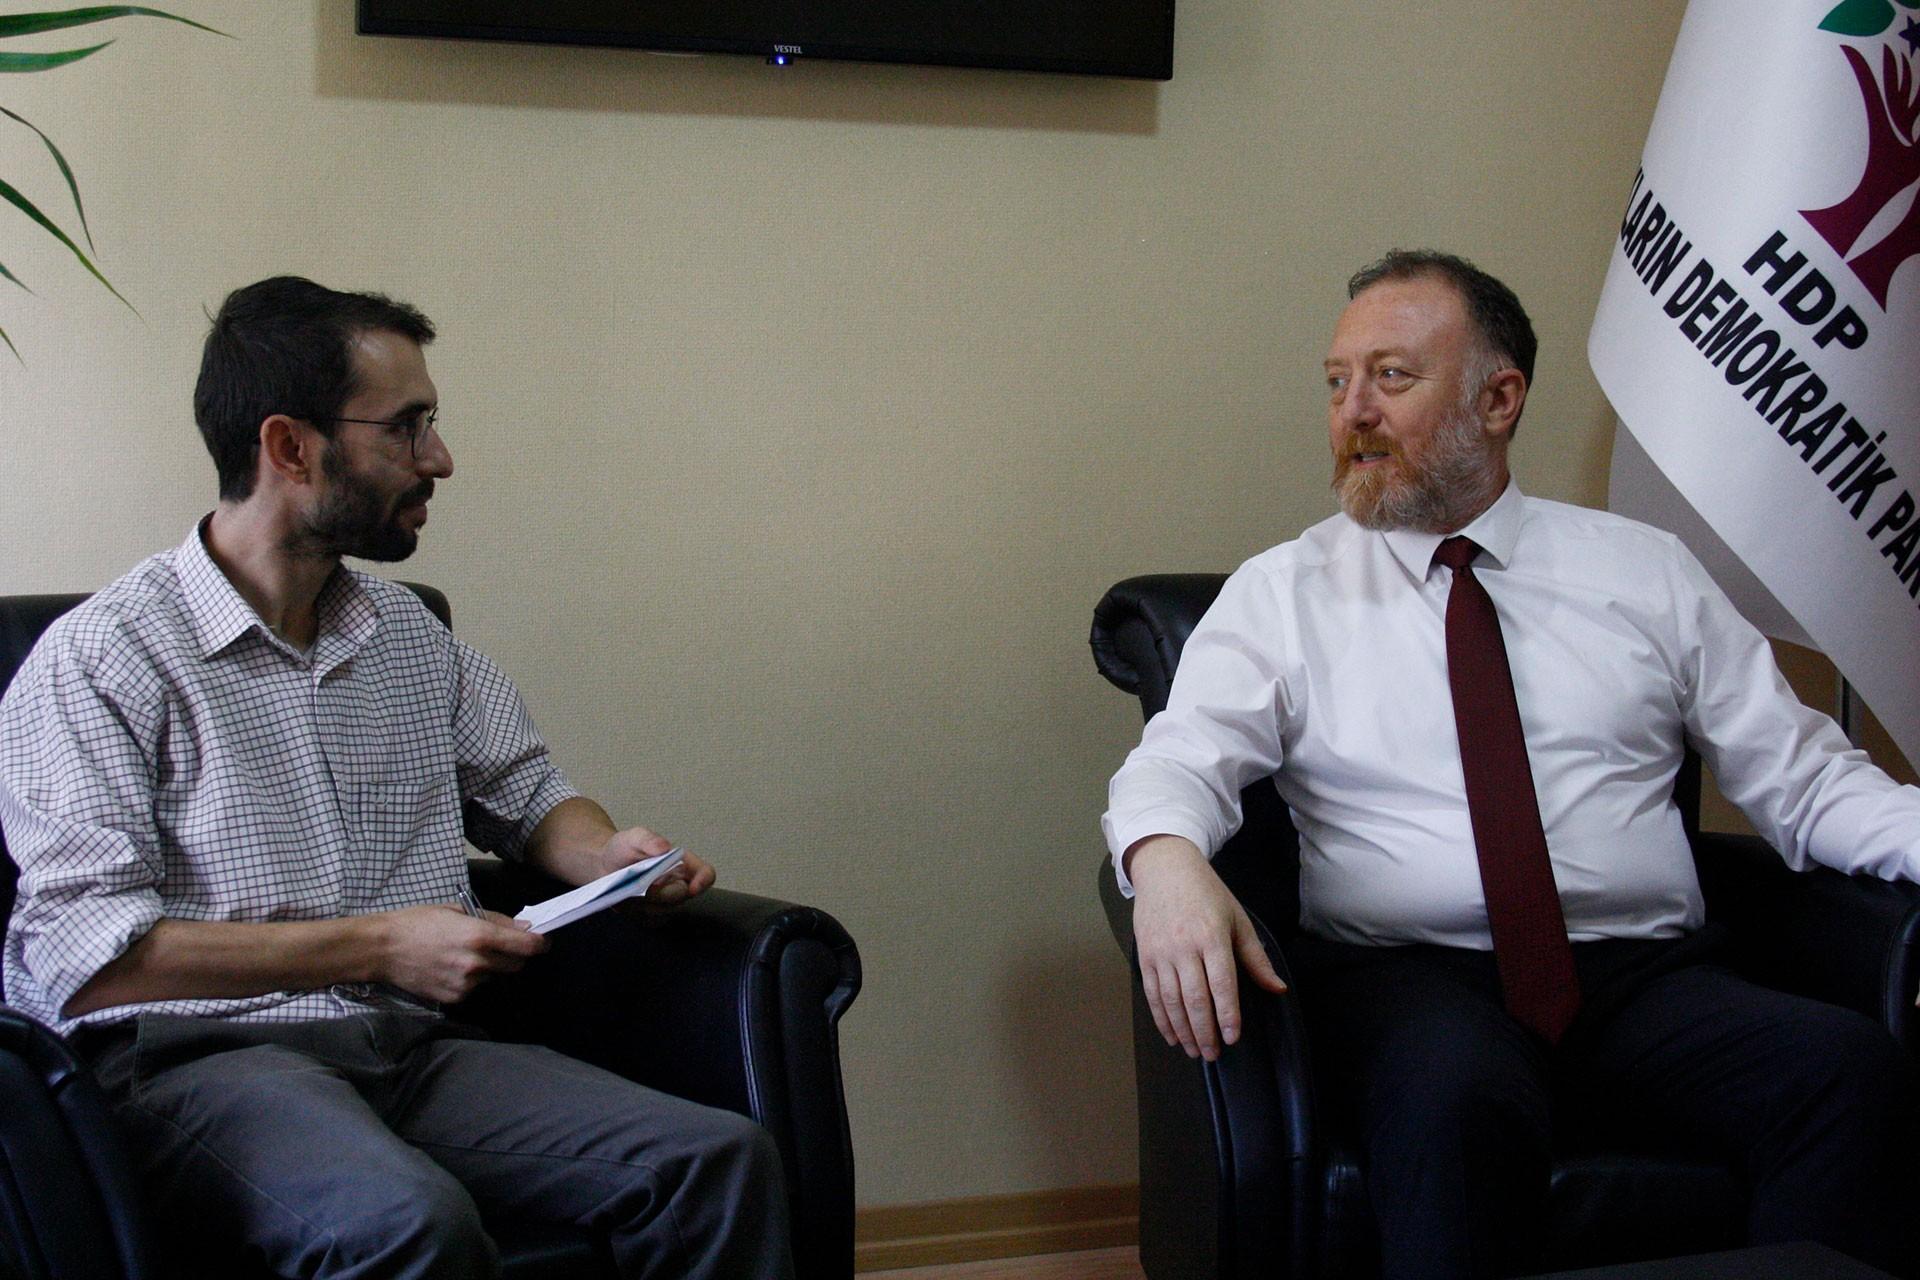 Evrensel Gazetesi Ankara Temsilcisi Birkan Bulut (solda) ve HDP Eş Genel Başkanı Sezai Temelli